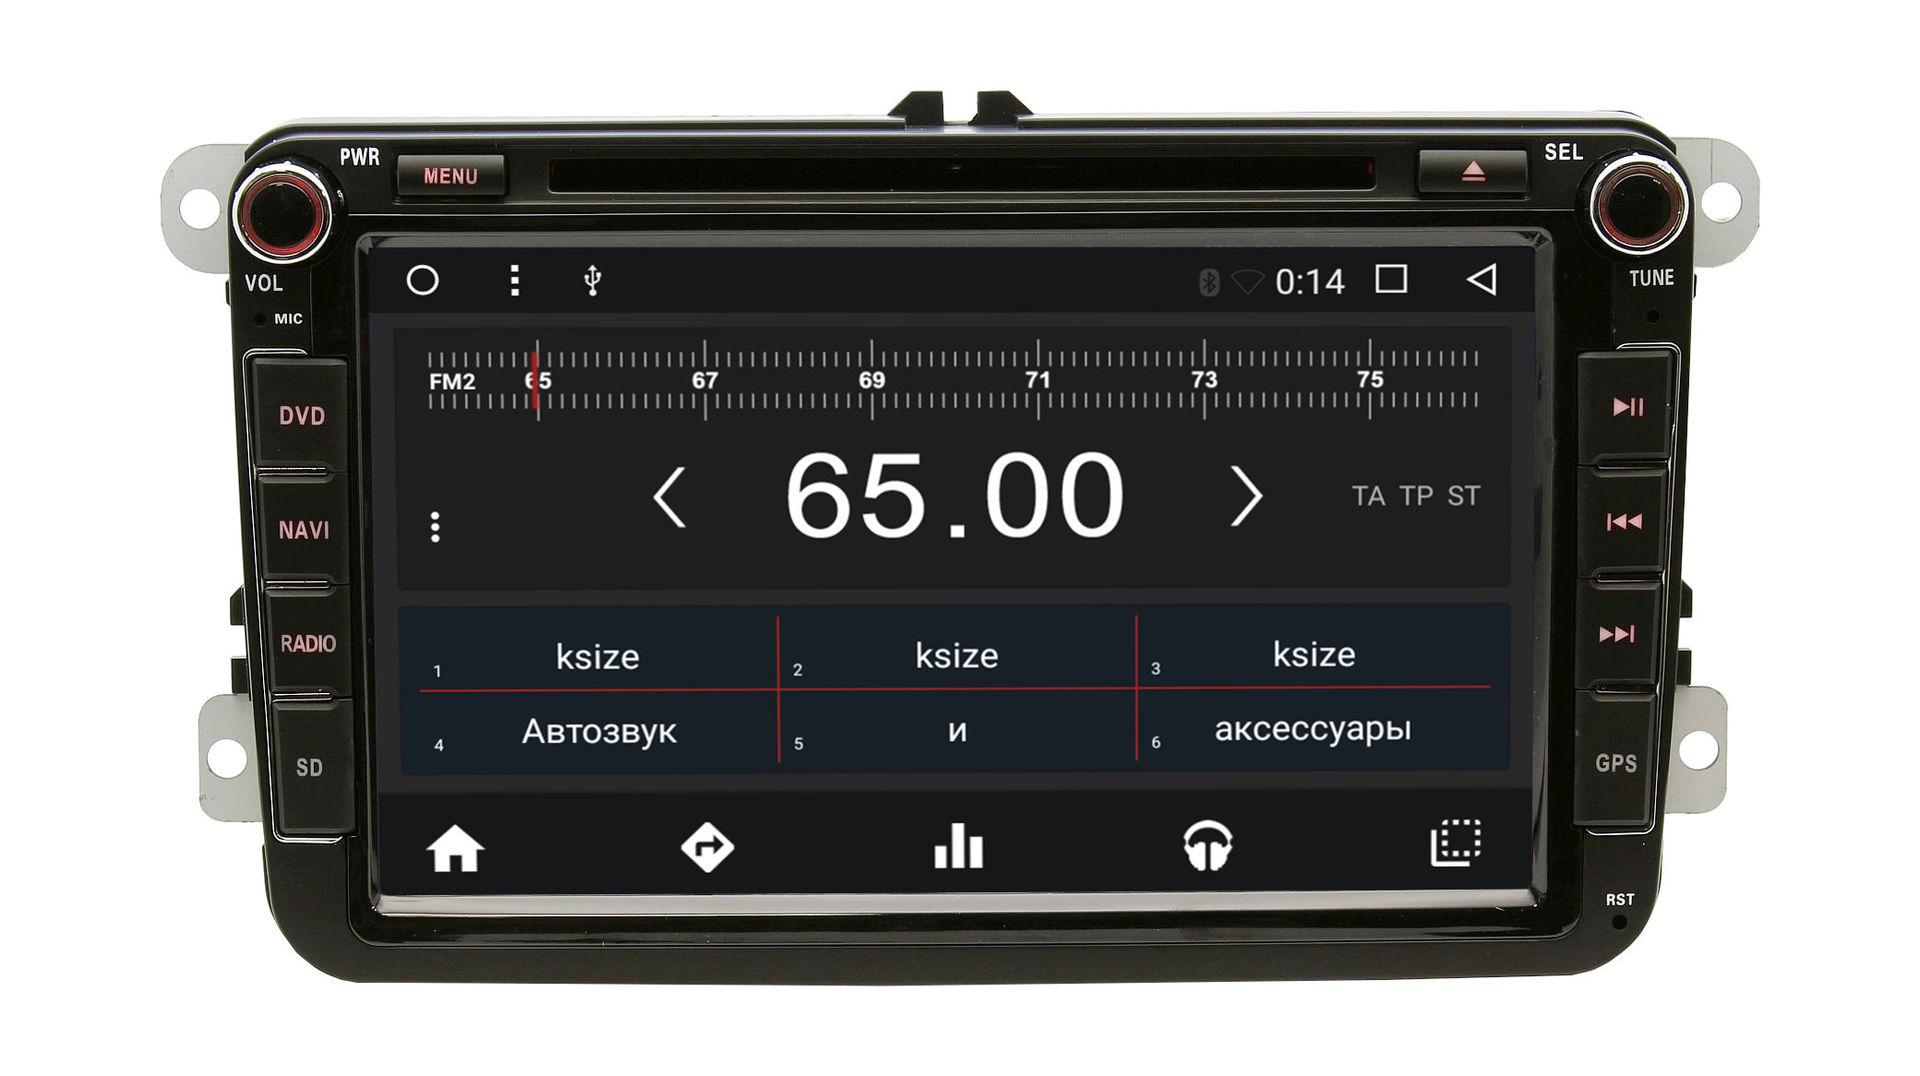 Штатная магнитола Wide Media WM-VS8A802MA для Skoda универсальная 8 Android 6.0.1